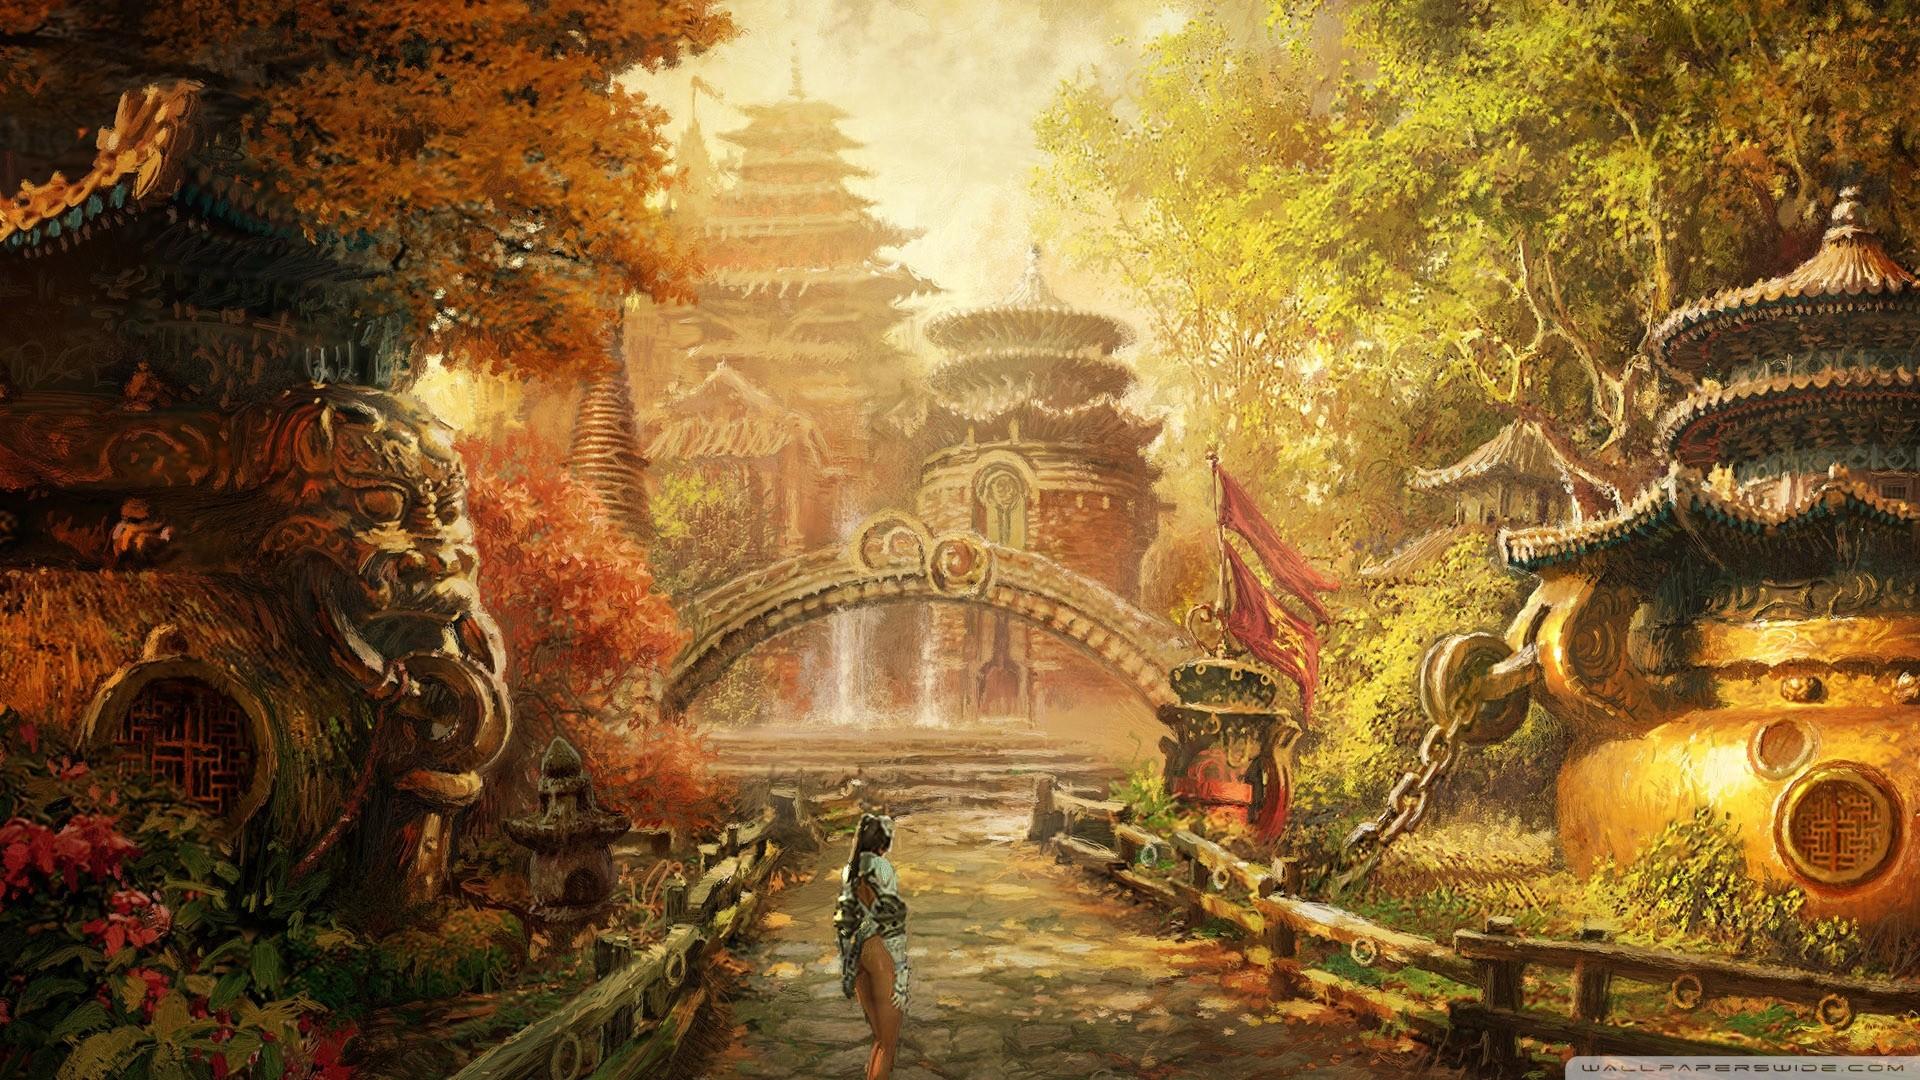 Fantasy Art Wallpaper 1920x1080 Fantasy Art 1920x1080